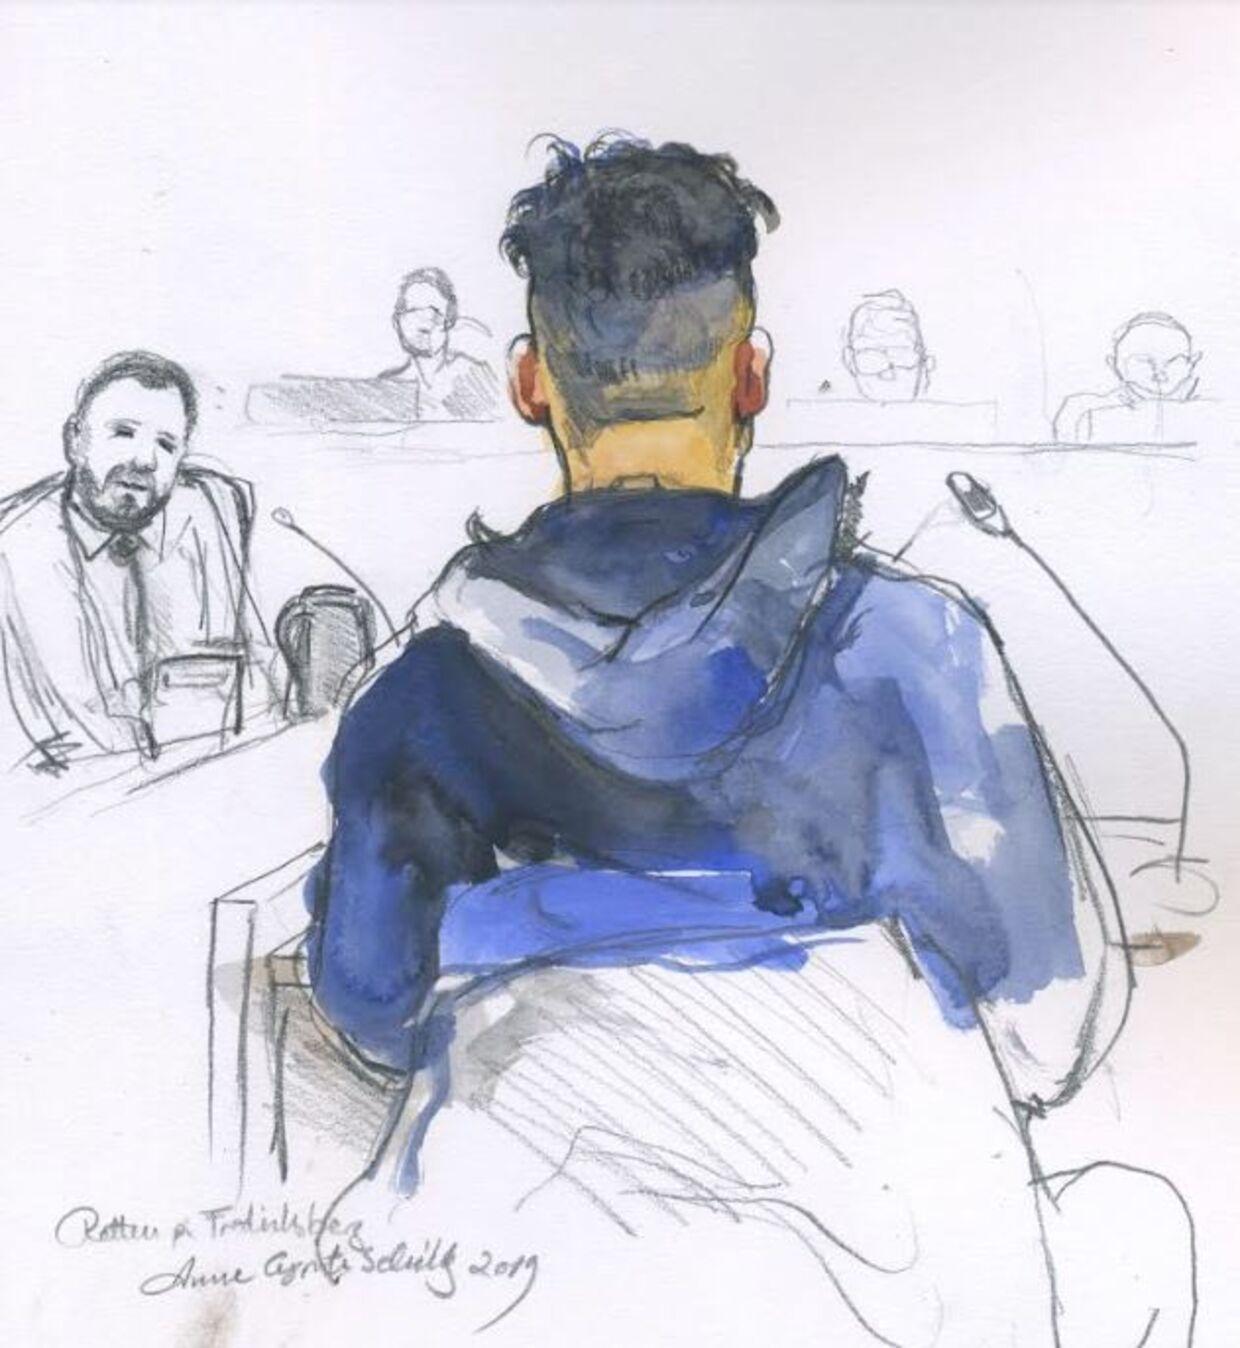 Bachir Hussein (tegnet bagfra) benægtede under et retsmøde i februar i år, at han skulle være medlem af banden Brothas, selv om han står opført på politiets liste over bandemedlemmer.